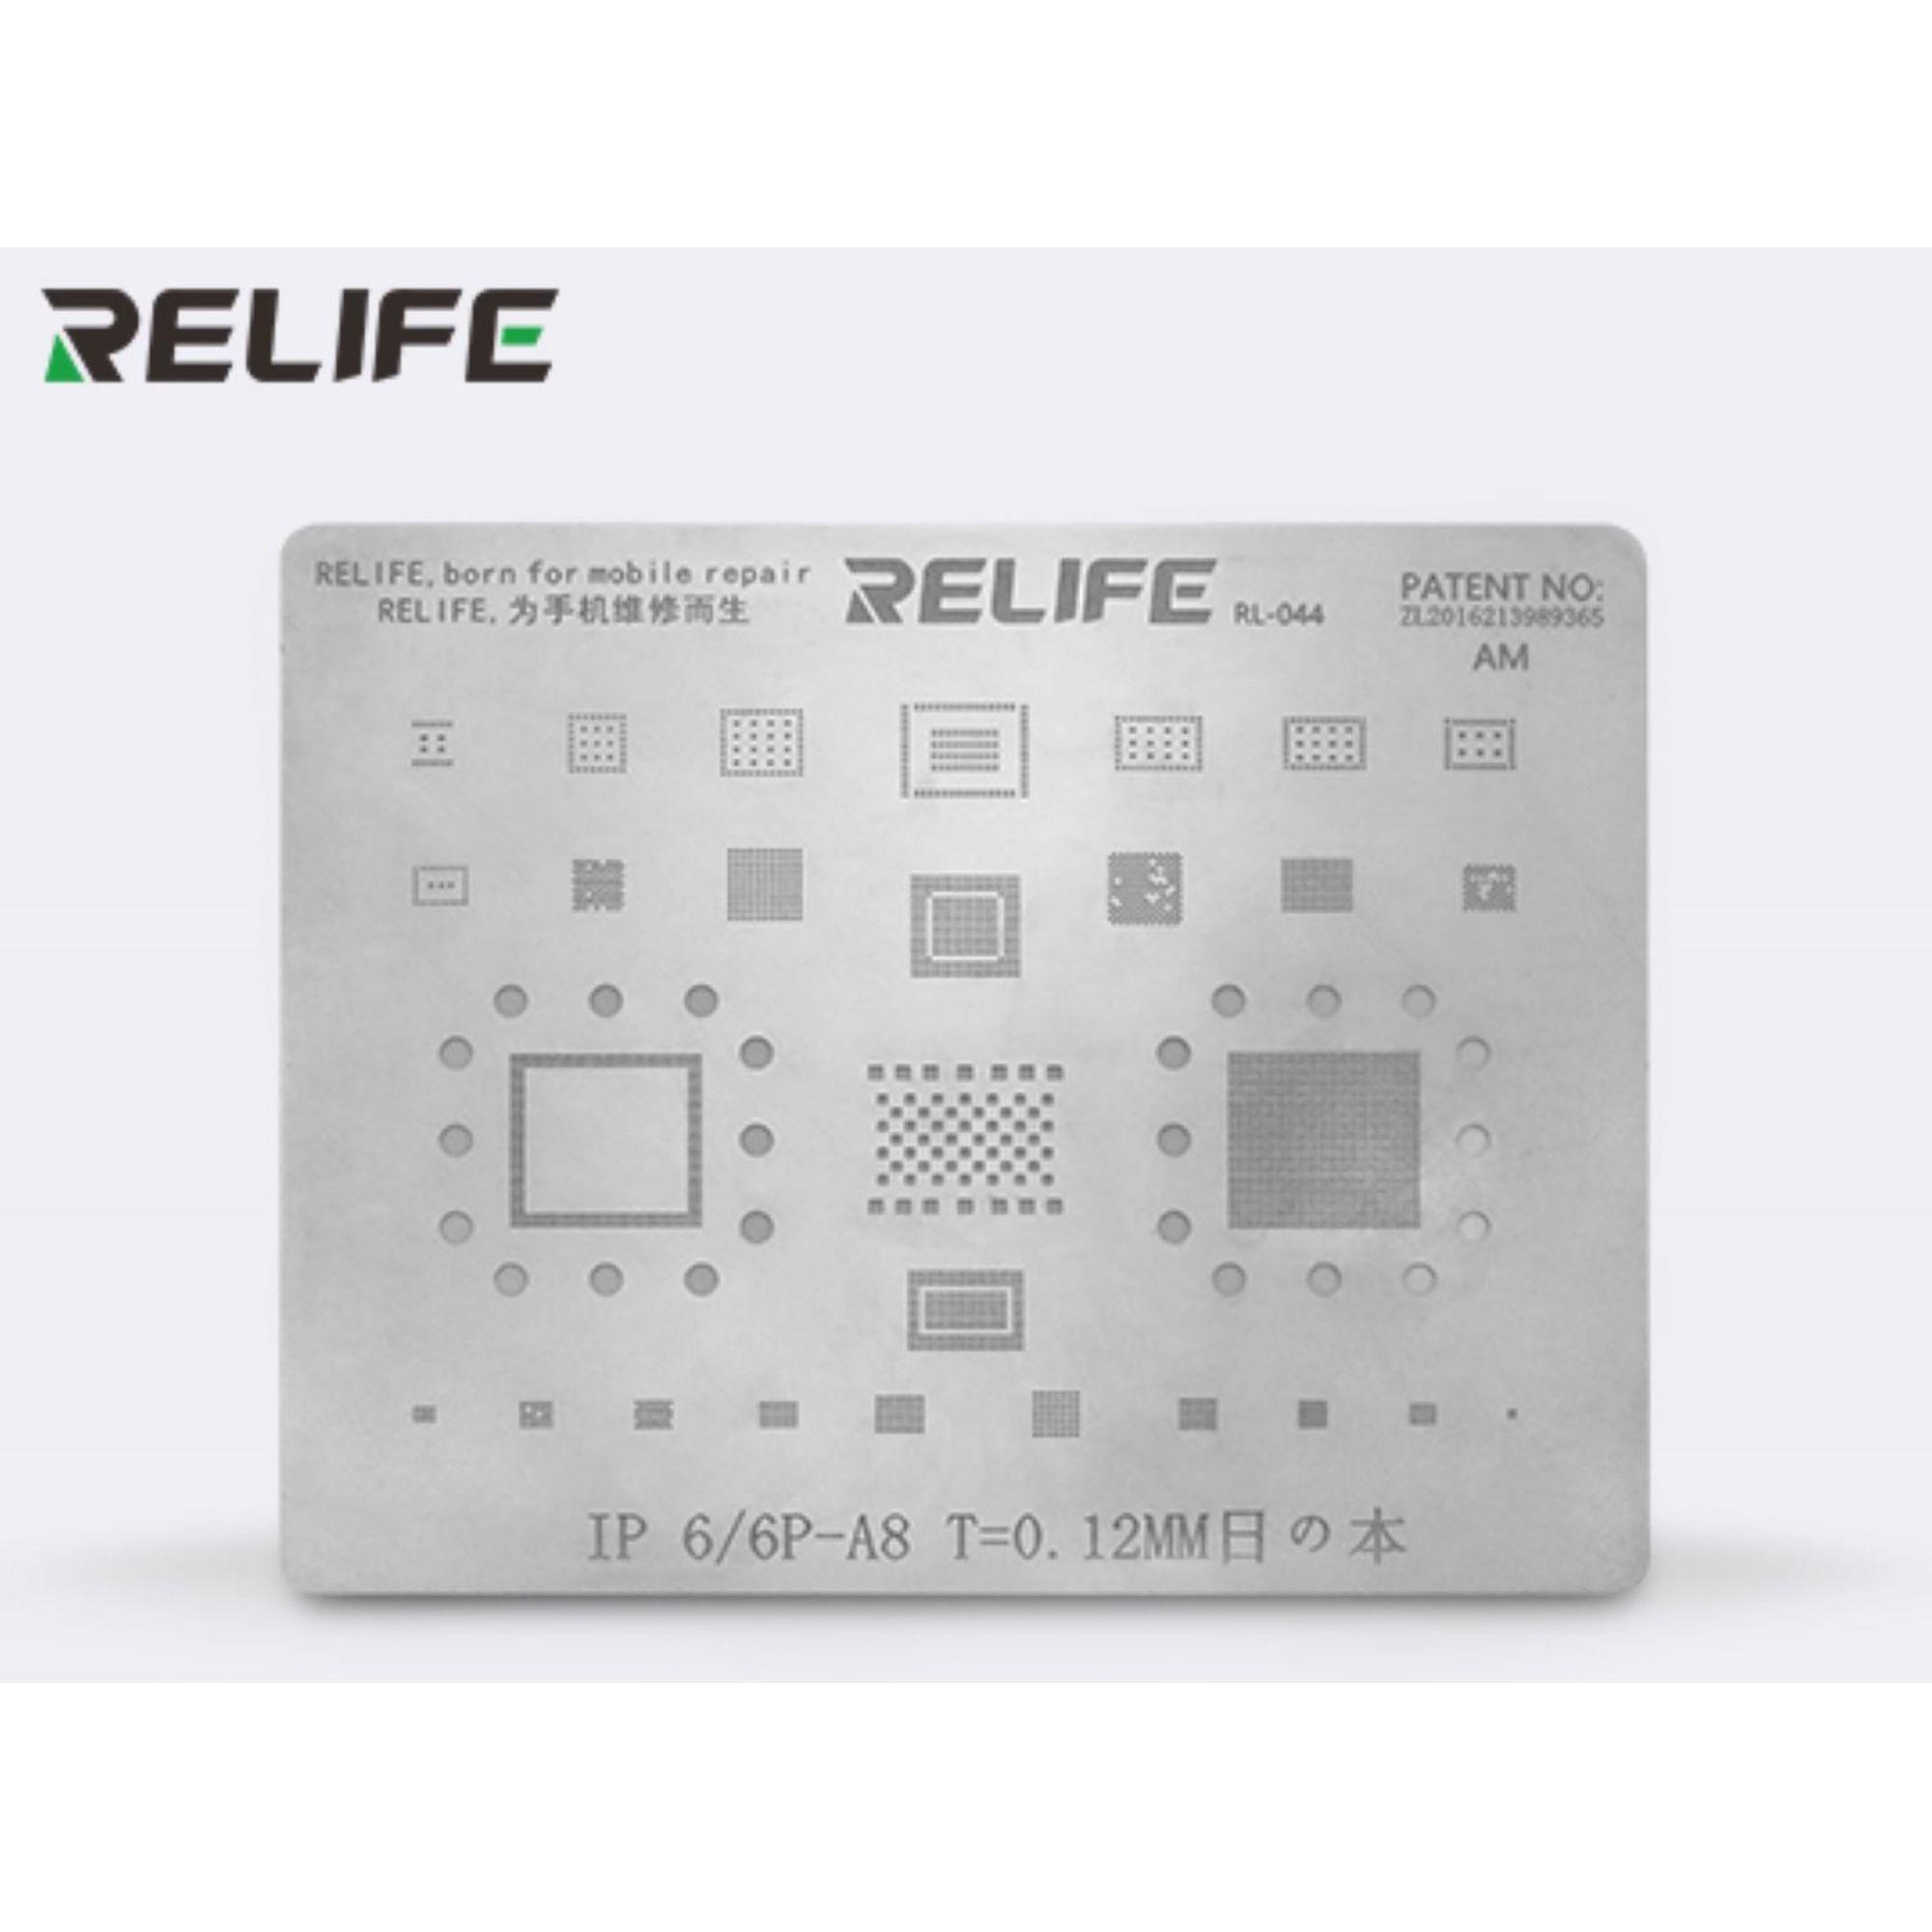 Relife Rl-044 Precisão Bga Stencil Para iPhone 6, 6 Plus ICs e CPU A8